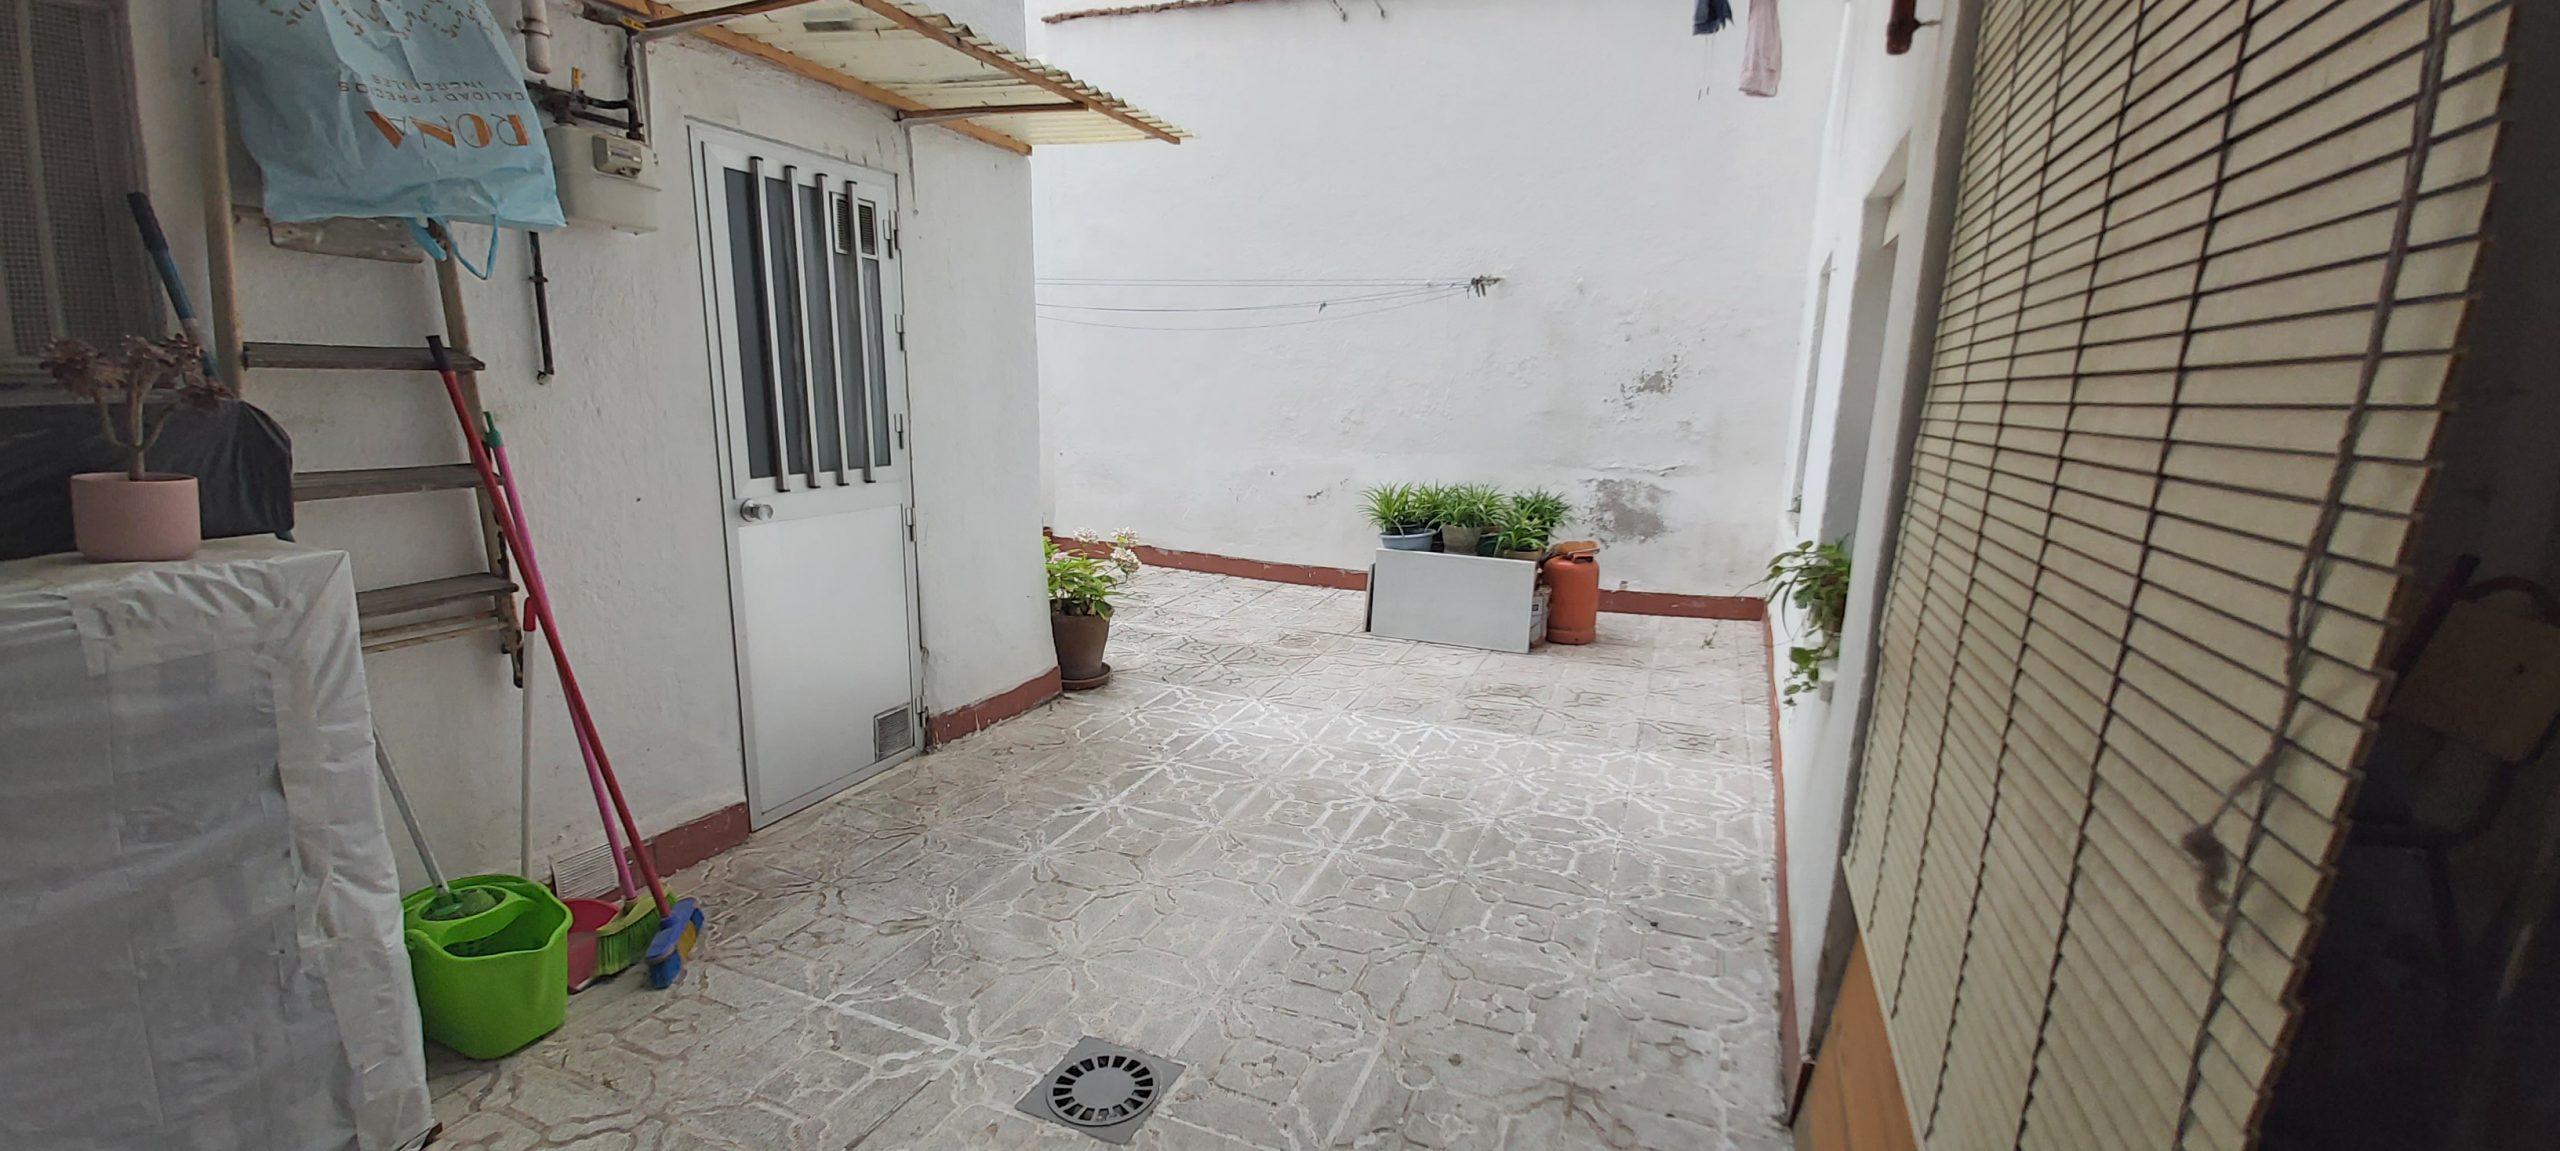 Piso de 3 dormitorios en Puente de Vallecas